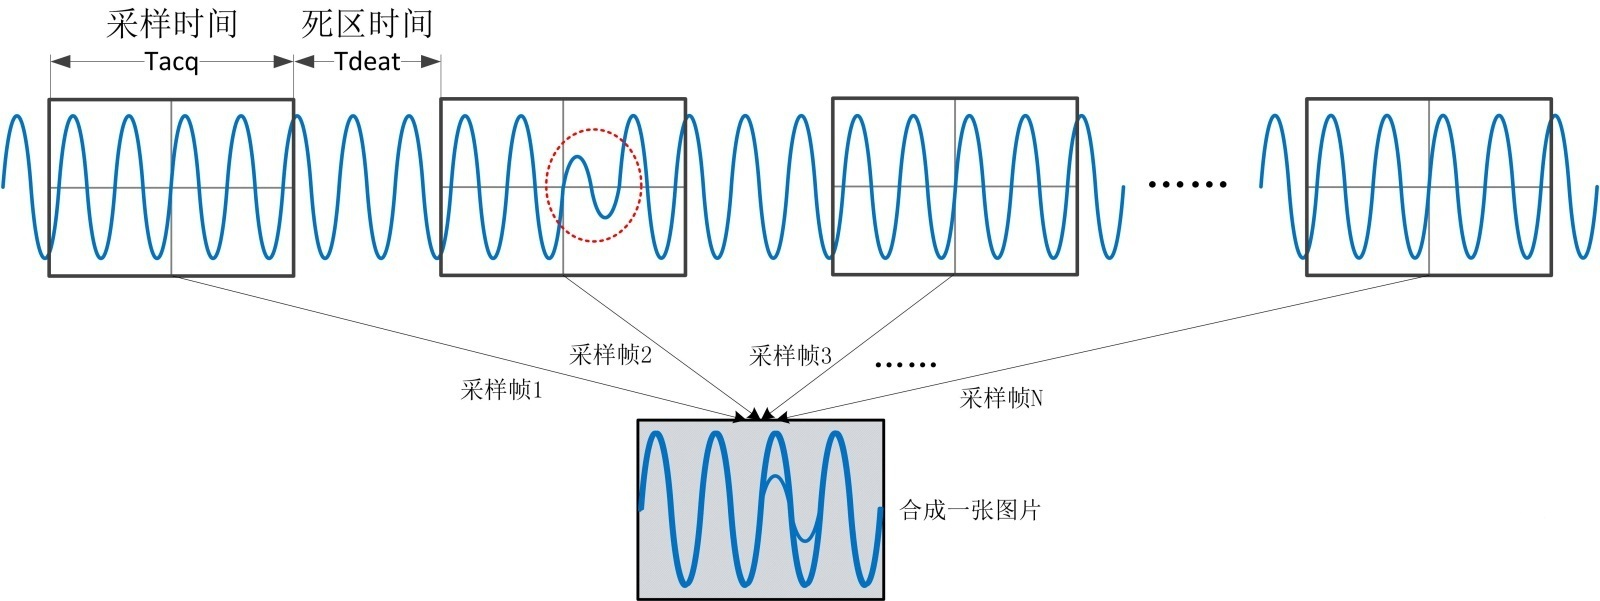 2选择基础示波器的15大考虑因素.jpg